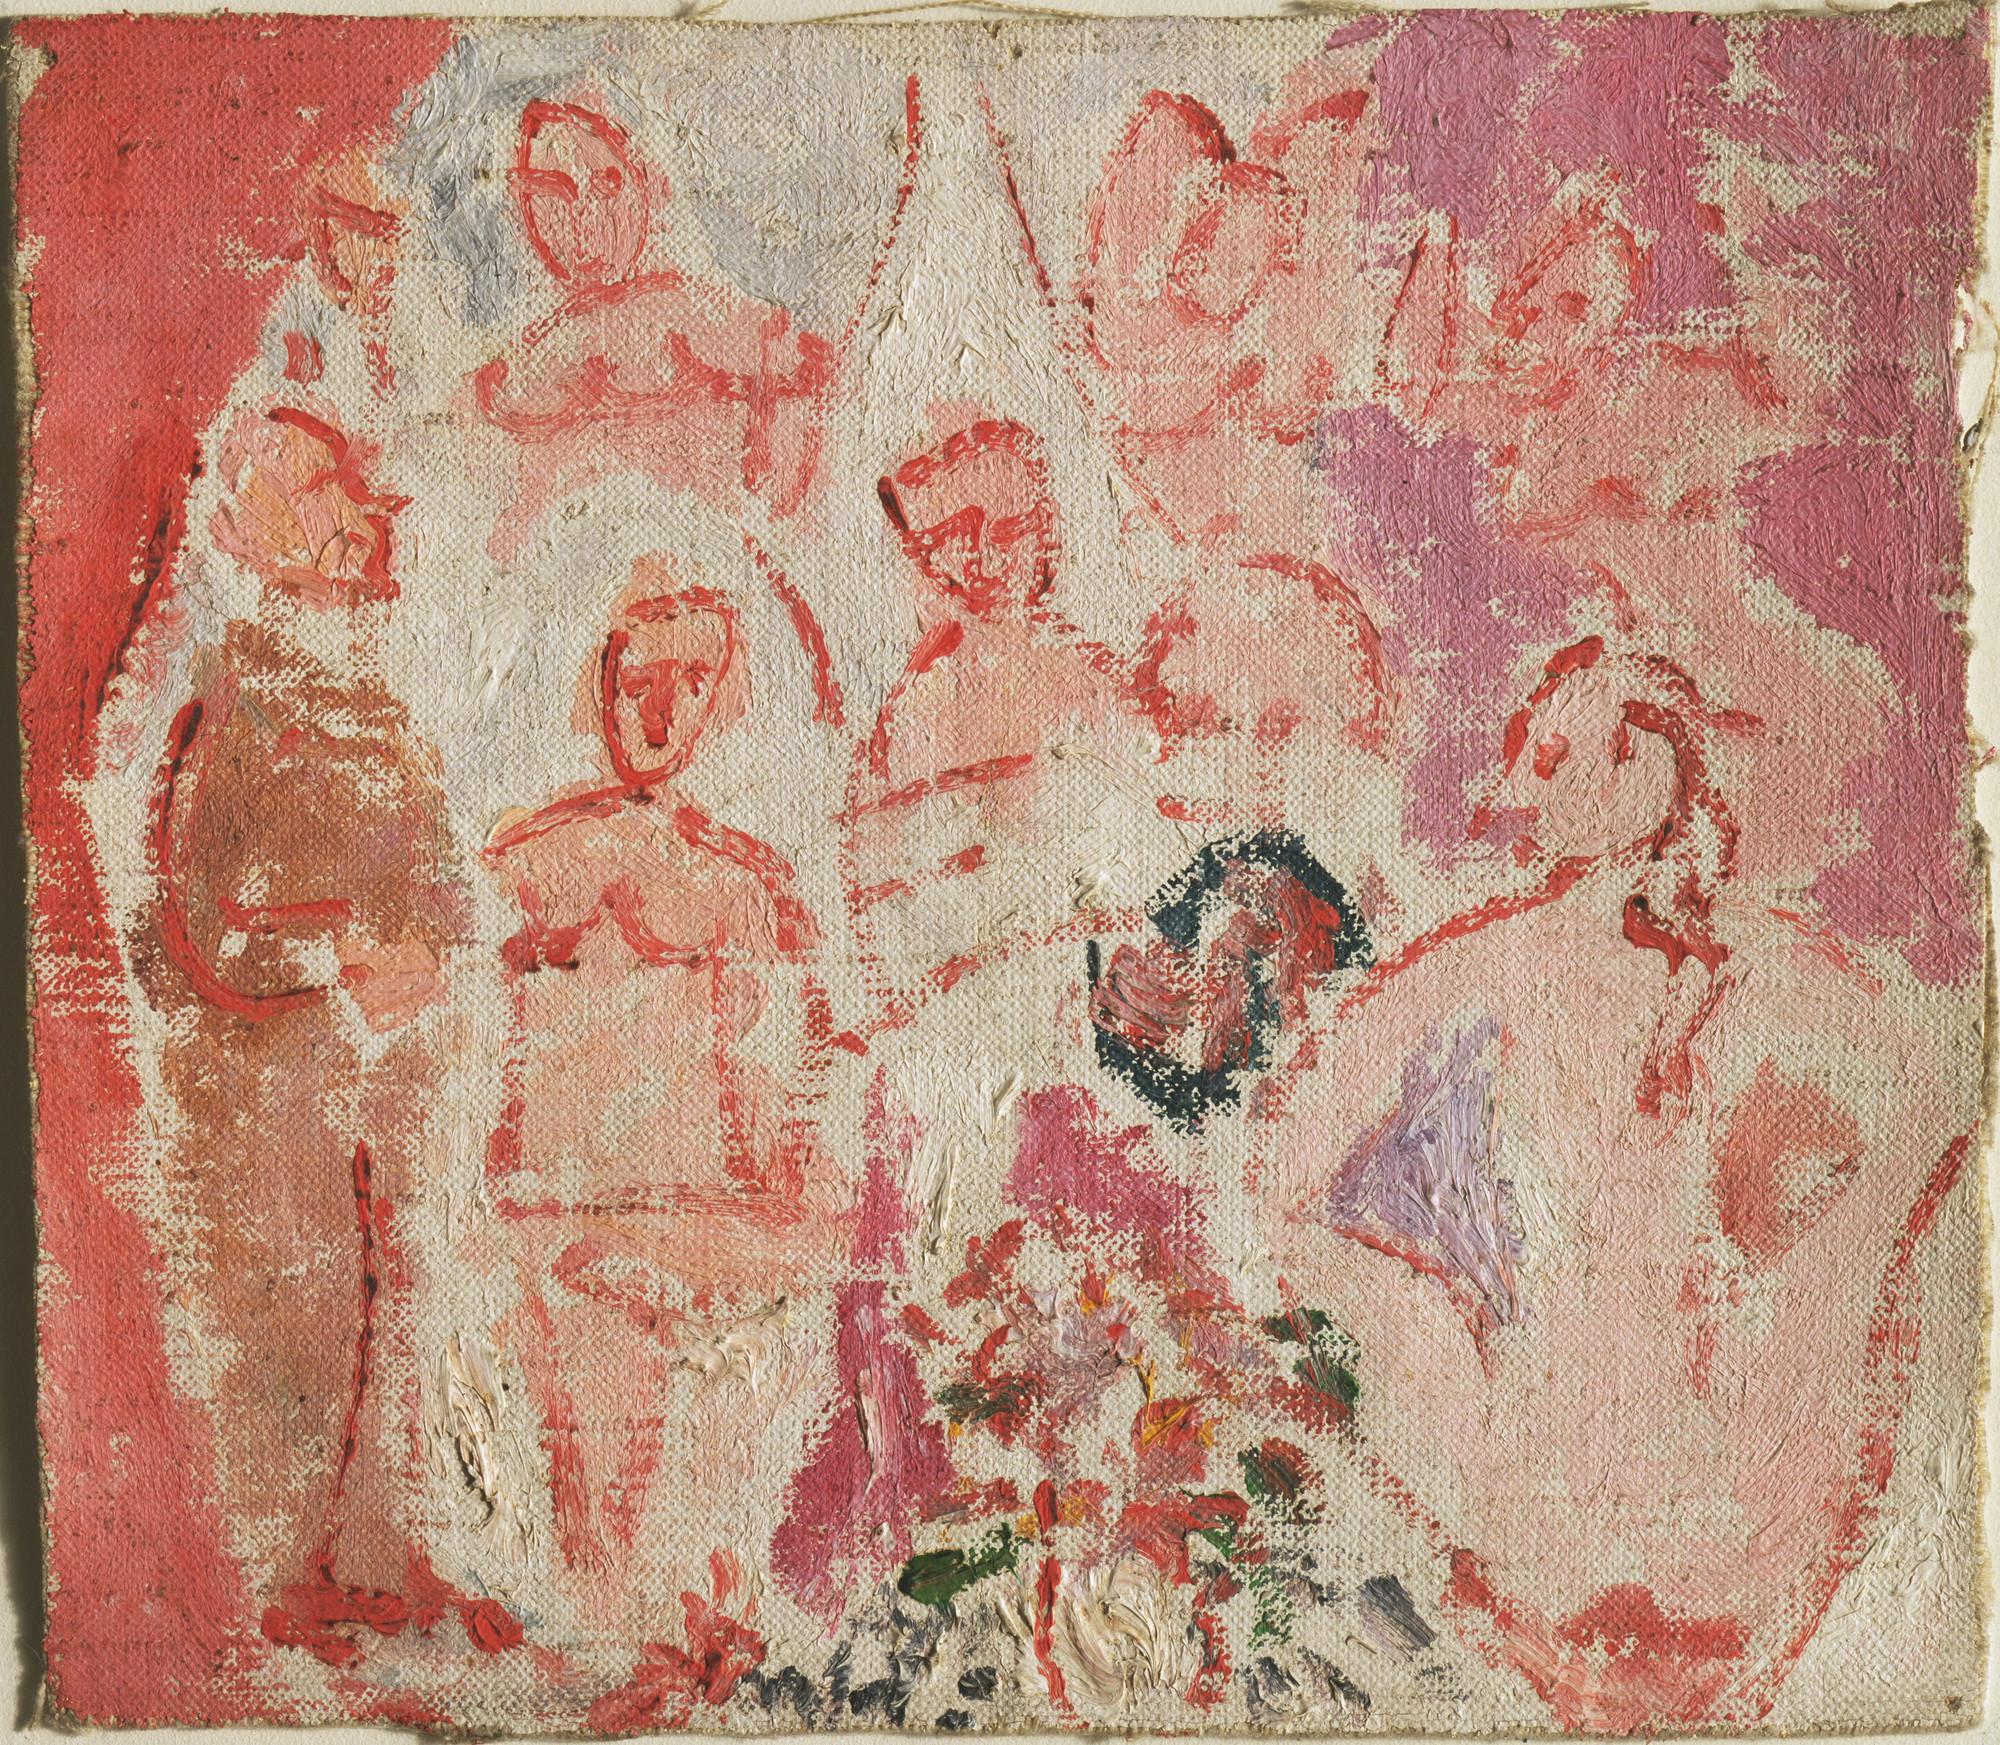 Pablo Picasso Study For Les Demoiselles D Avignon Paris Early 1907 Moma